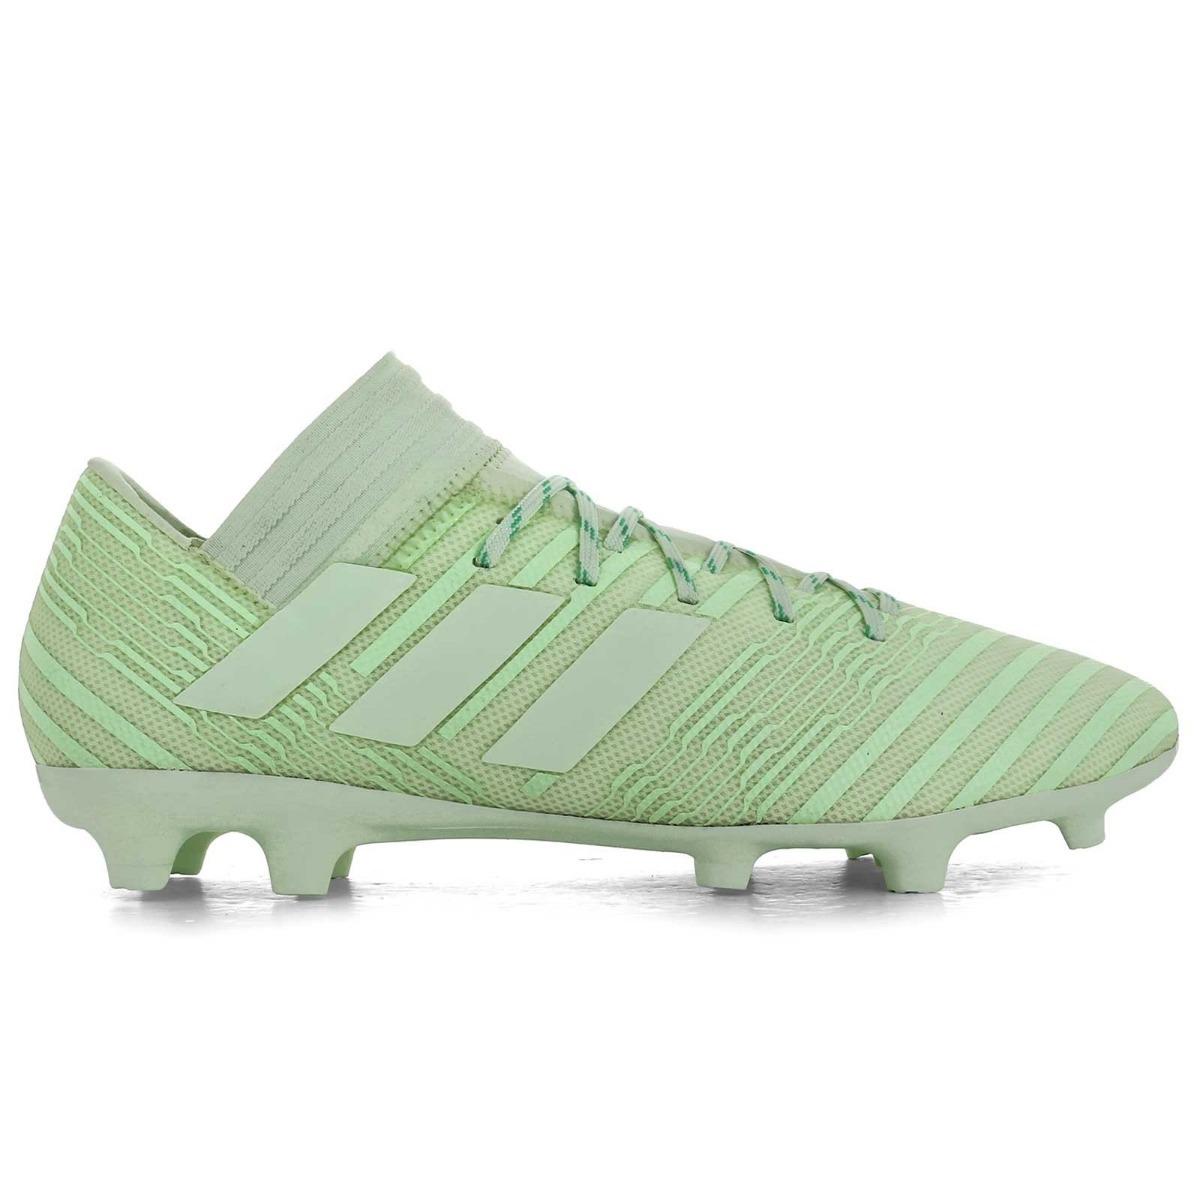 zapatos fútbol adidas nemeziz 17.3 fg   rincón del fútbol. Cargando zoom. e799e661205a0